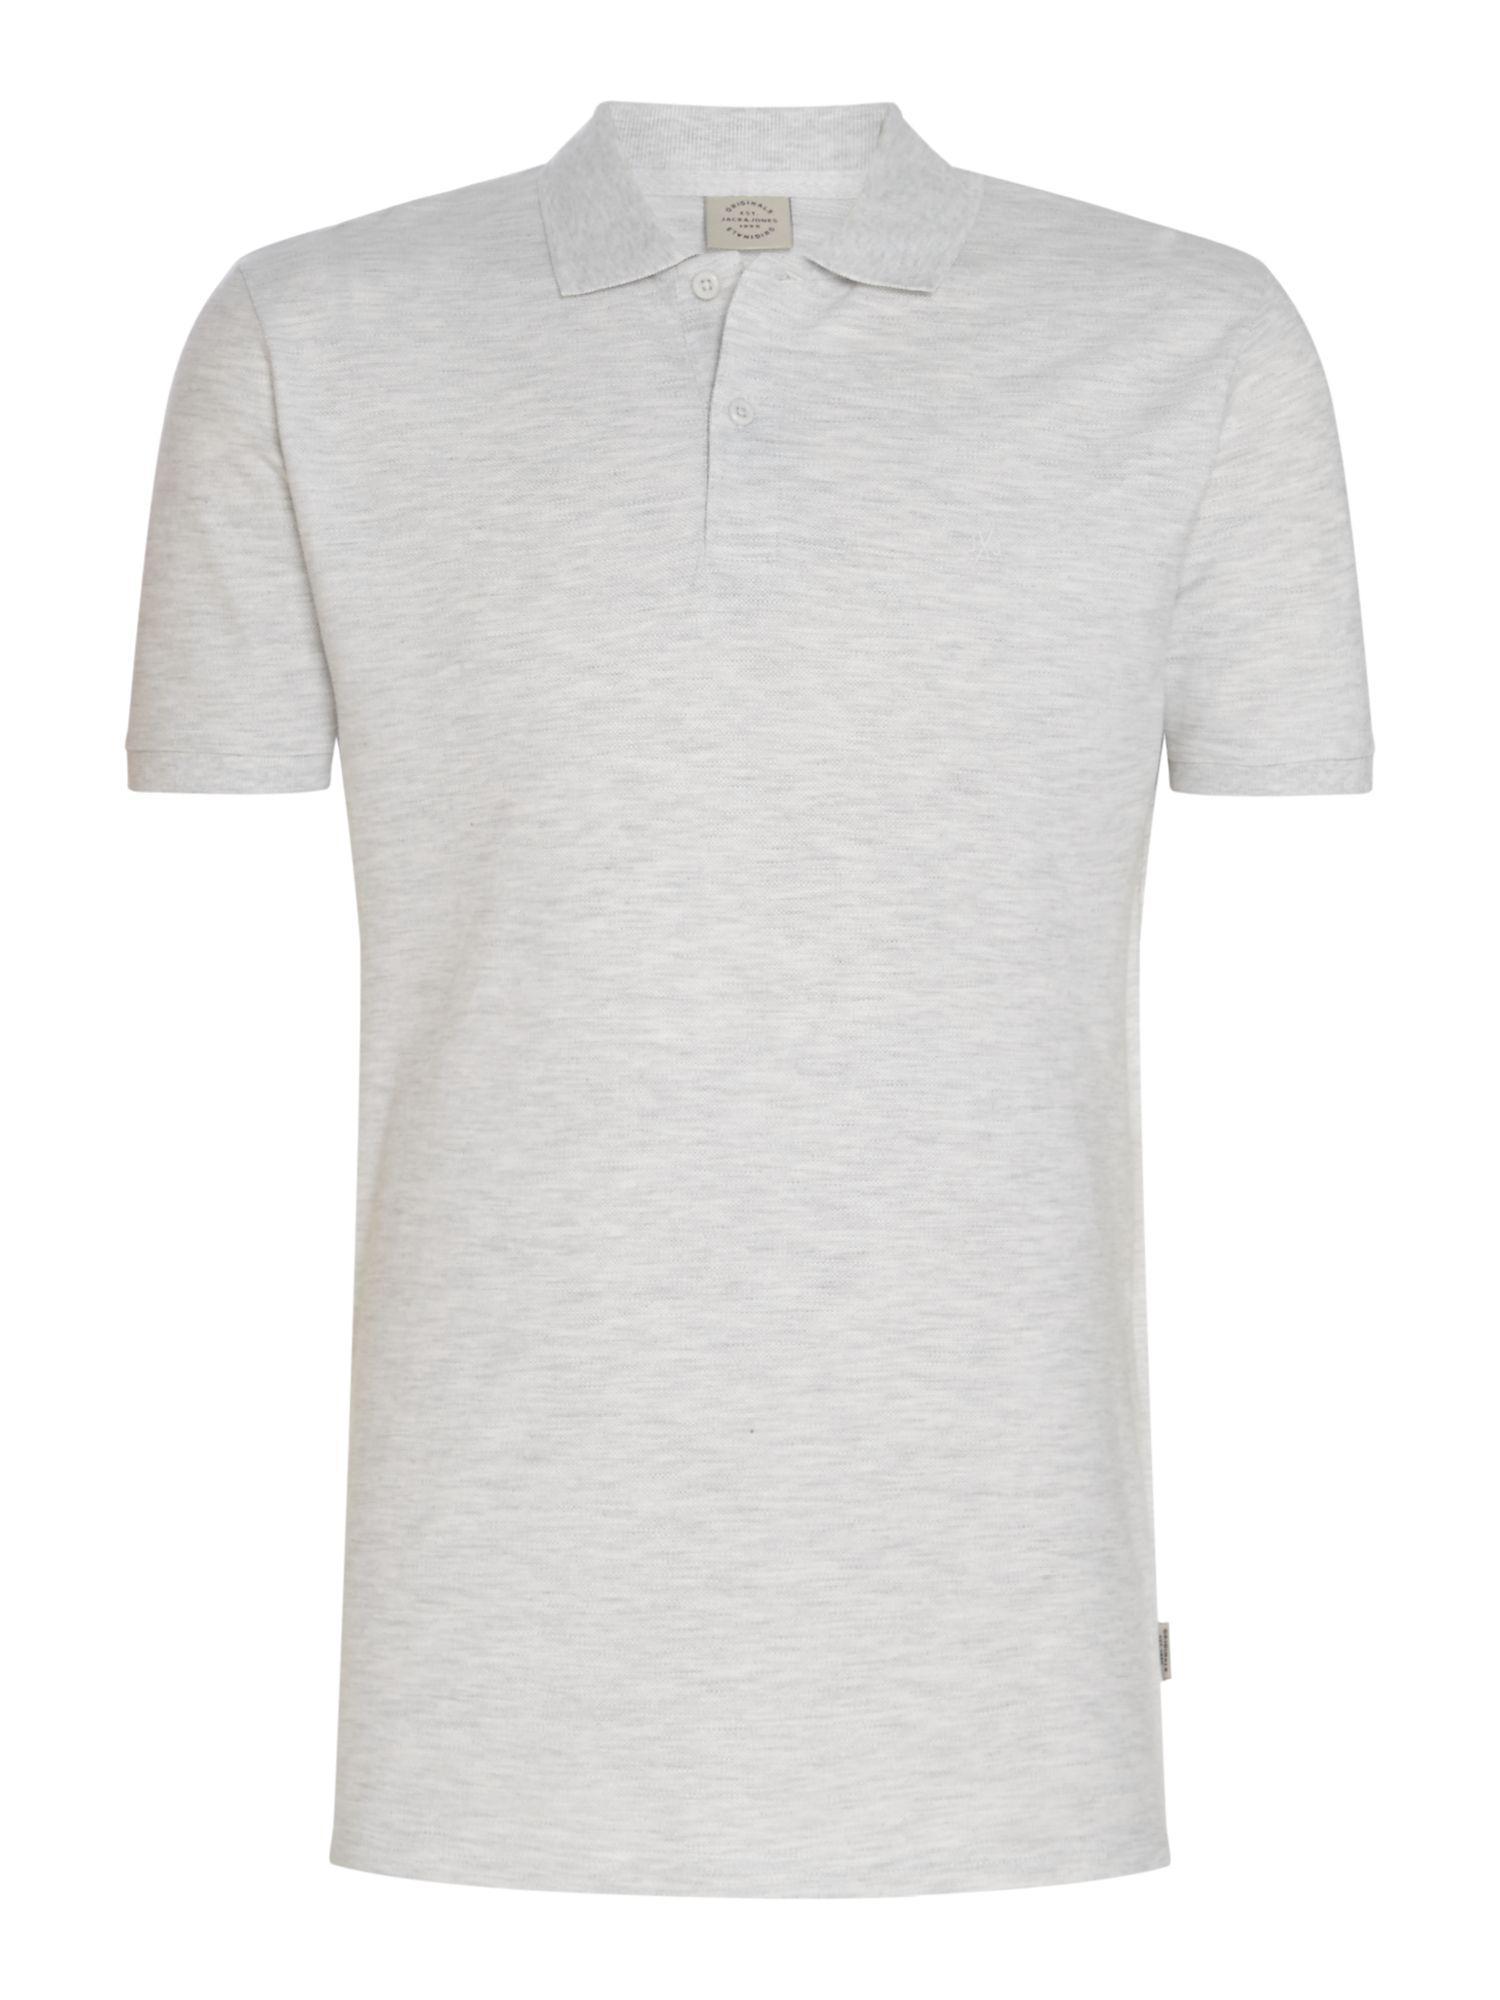 JACK & JONES Classic Polo Shirt Men Grey 4LE0slE